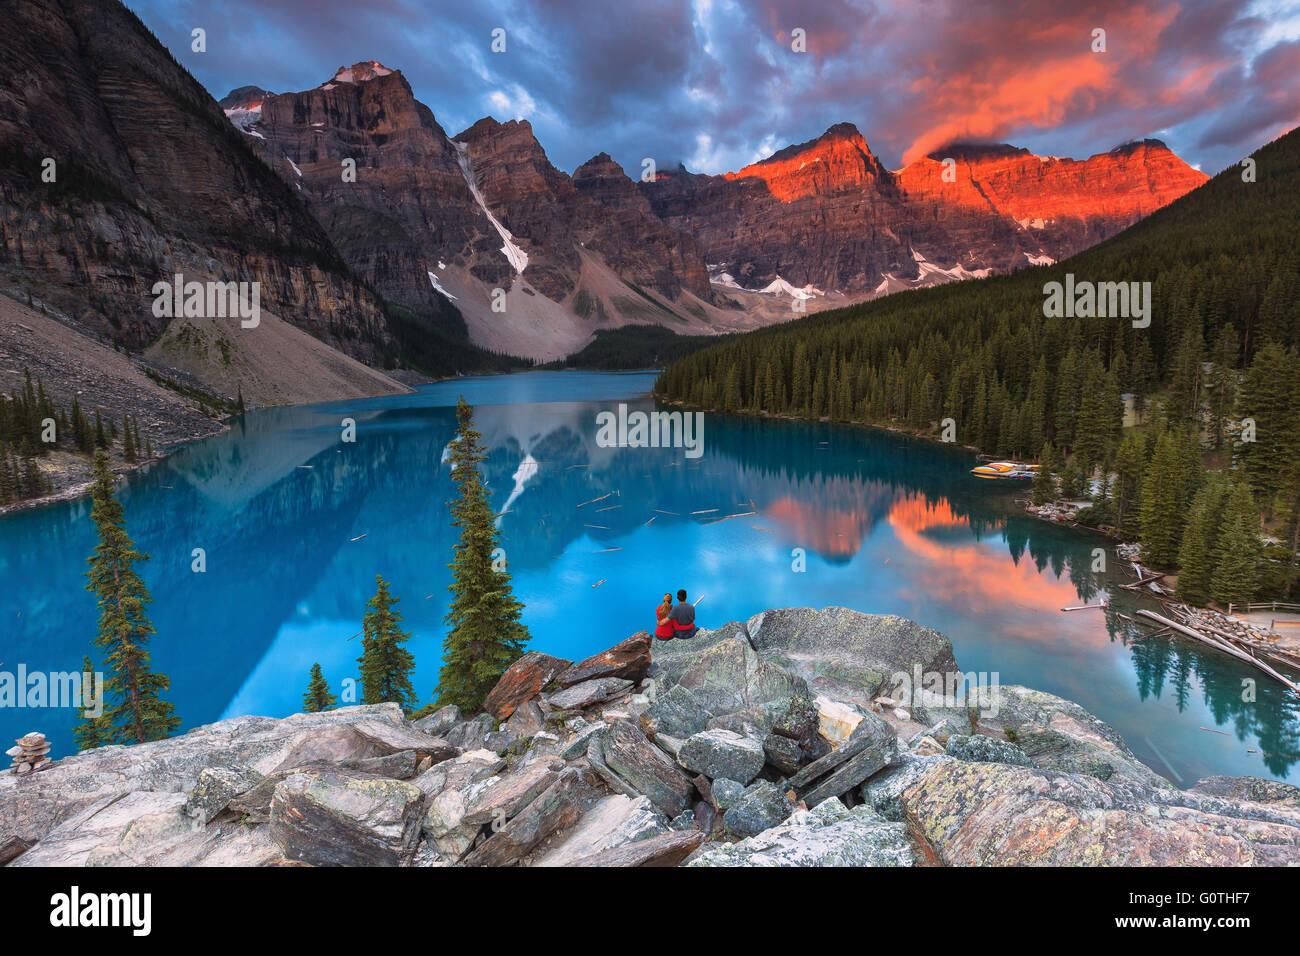 Una giovane coppia al Lago Moraine by sunrise. Il Parco Nazionale di Banff, Alberta, Canada. Immagini Stock